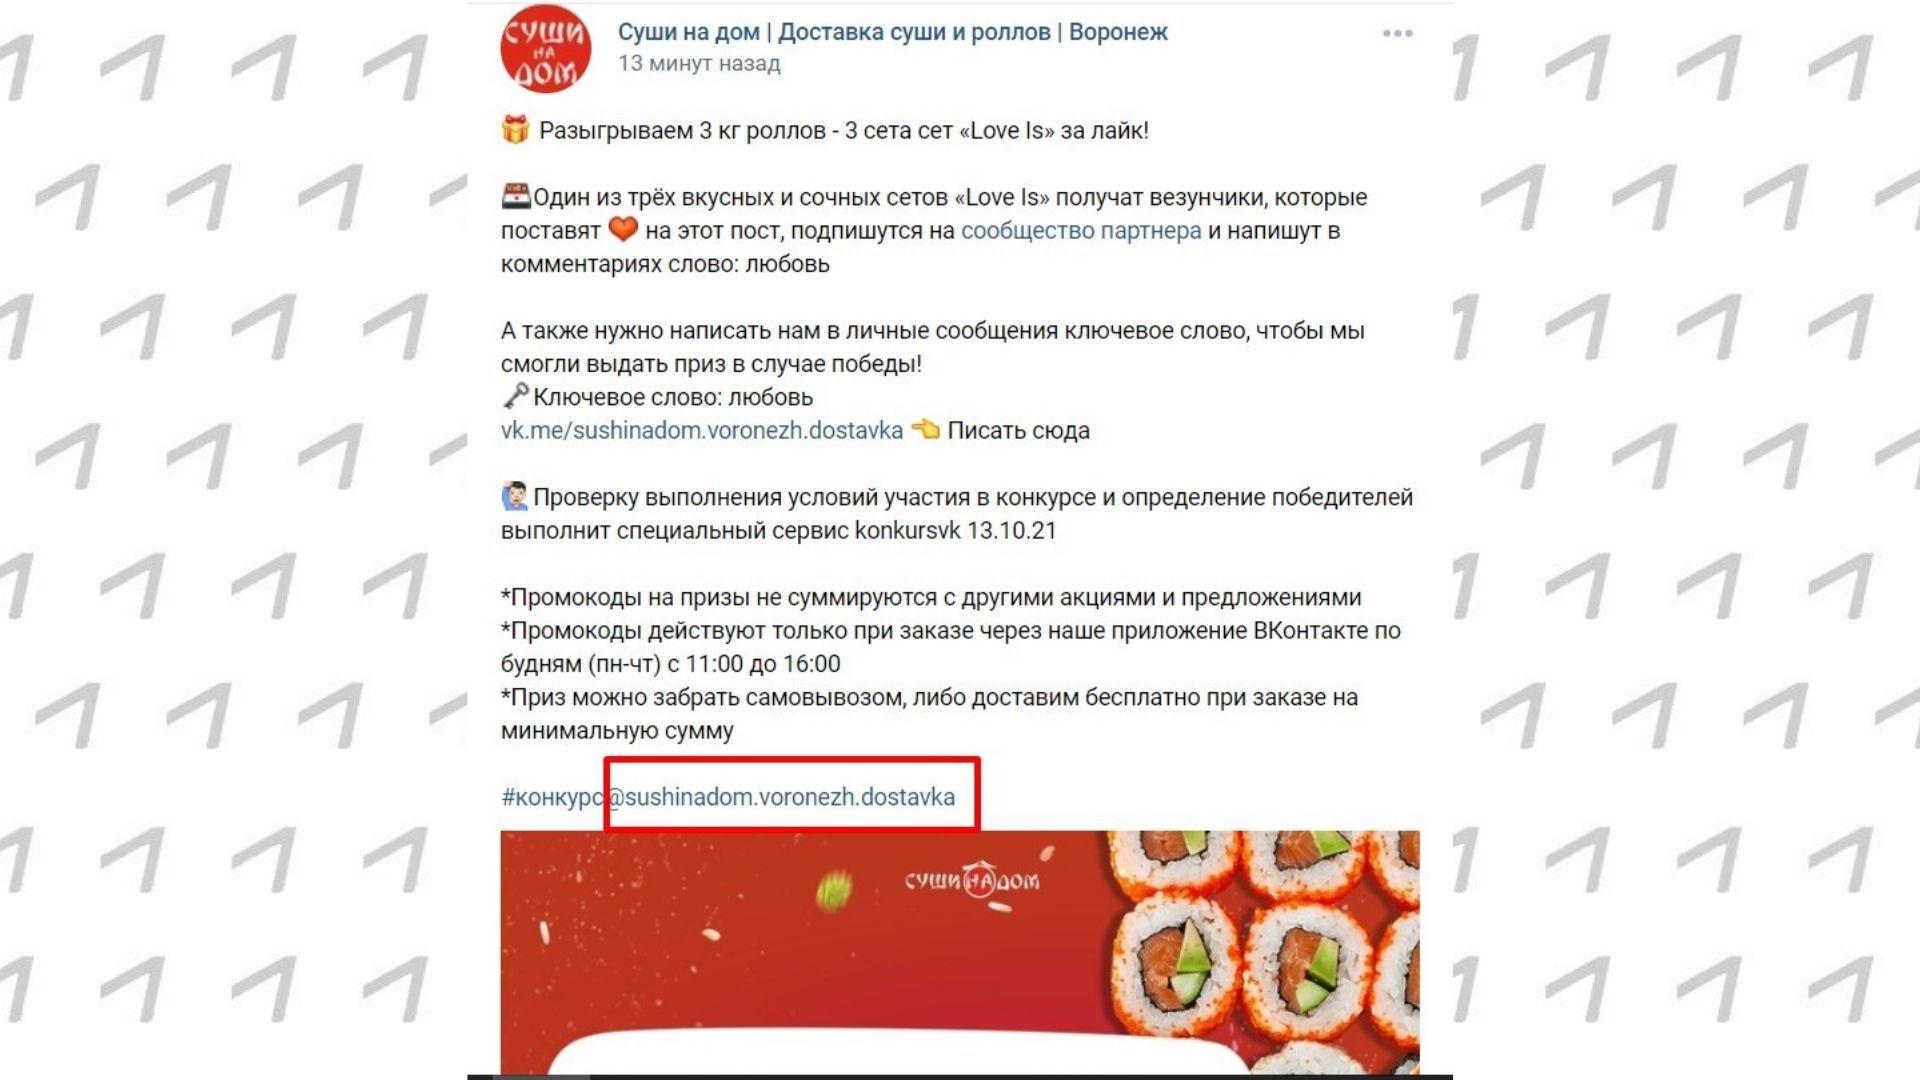 Так выглядит хештег для поиска в группе доставки суши в Воронеже